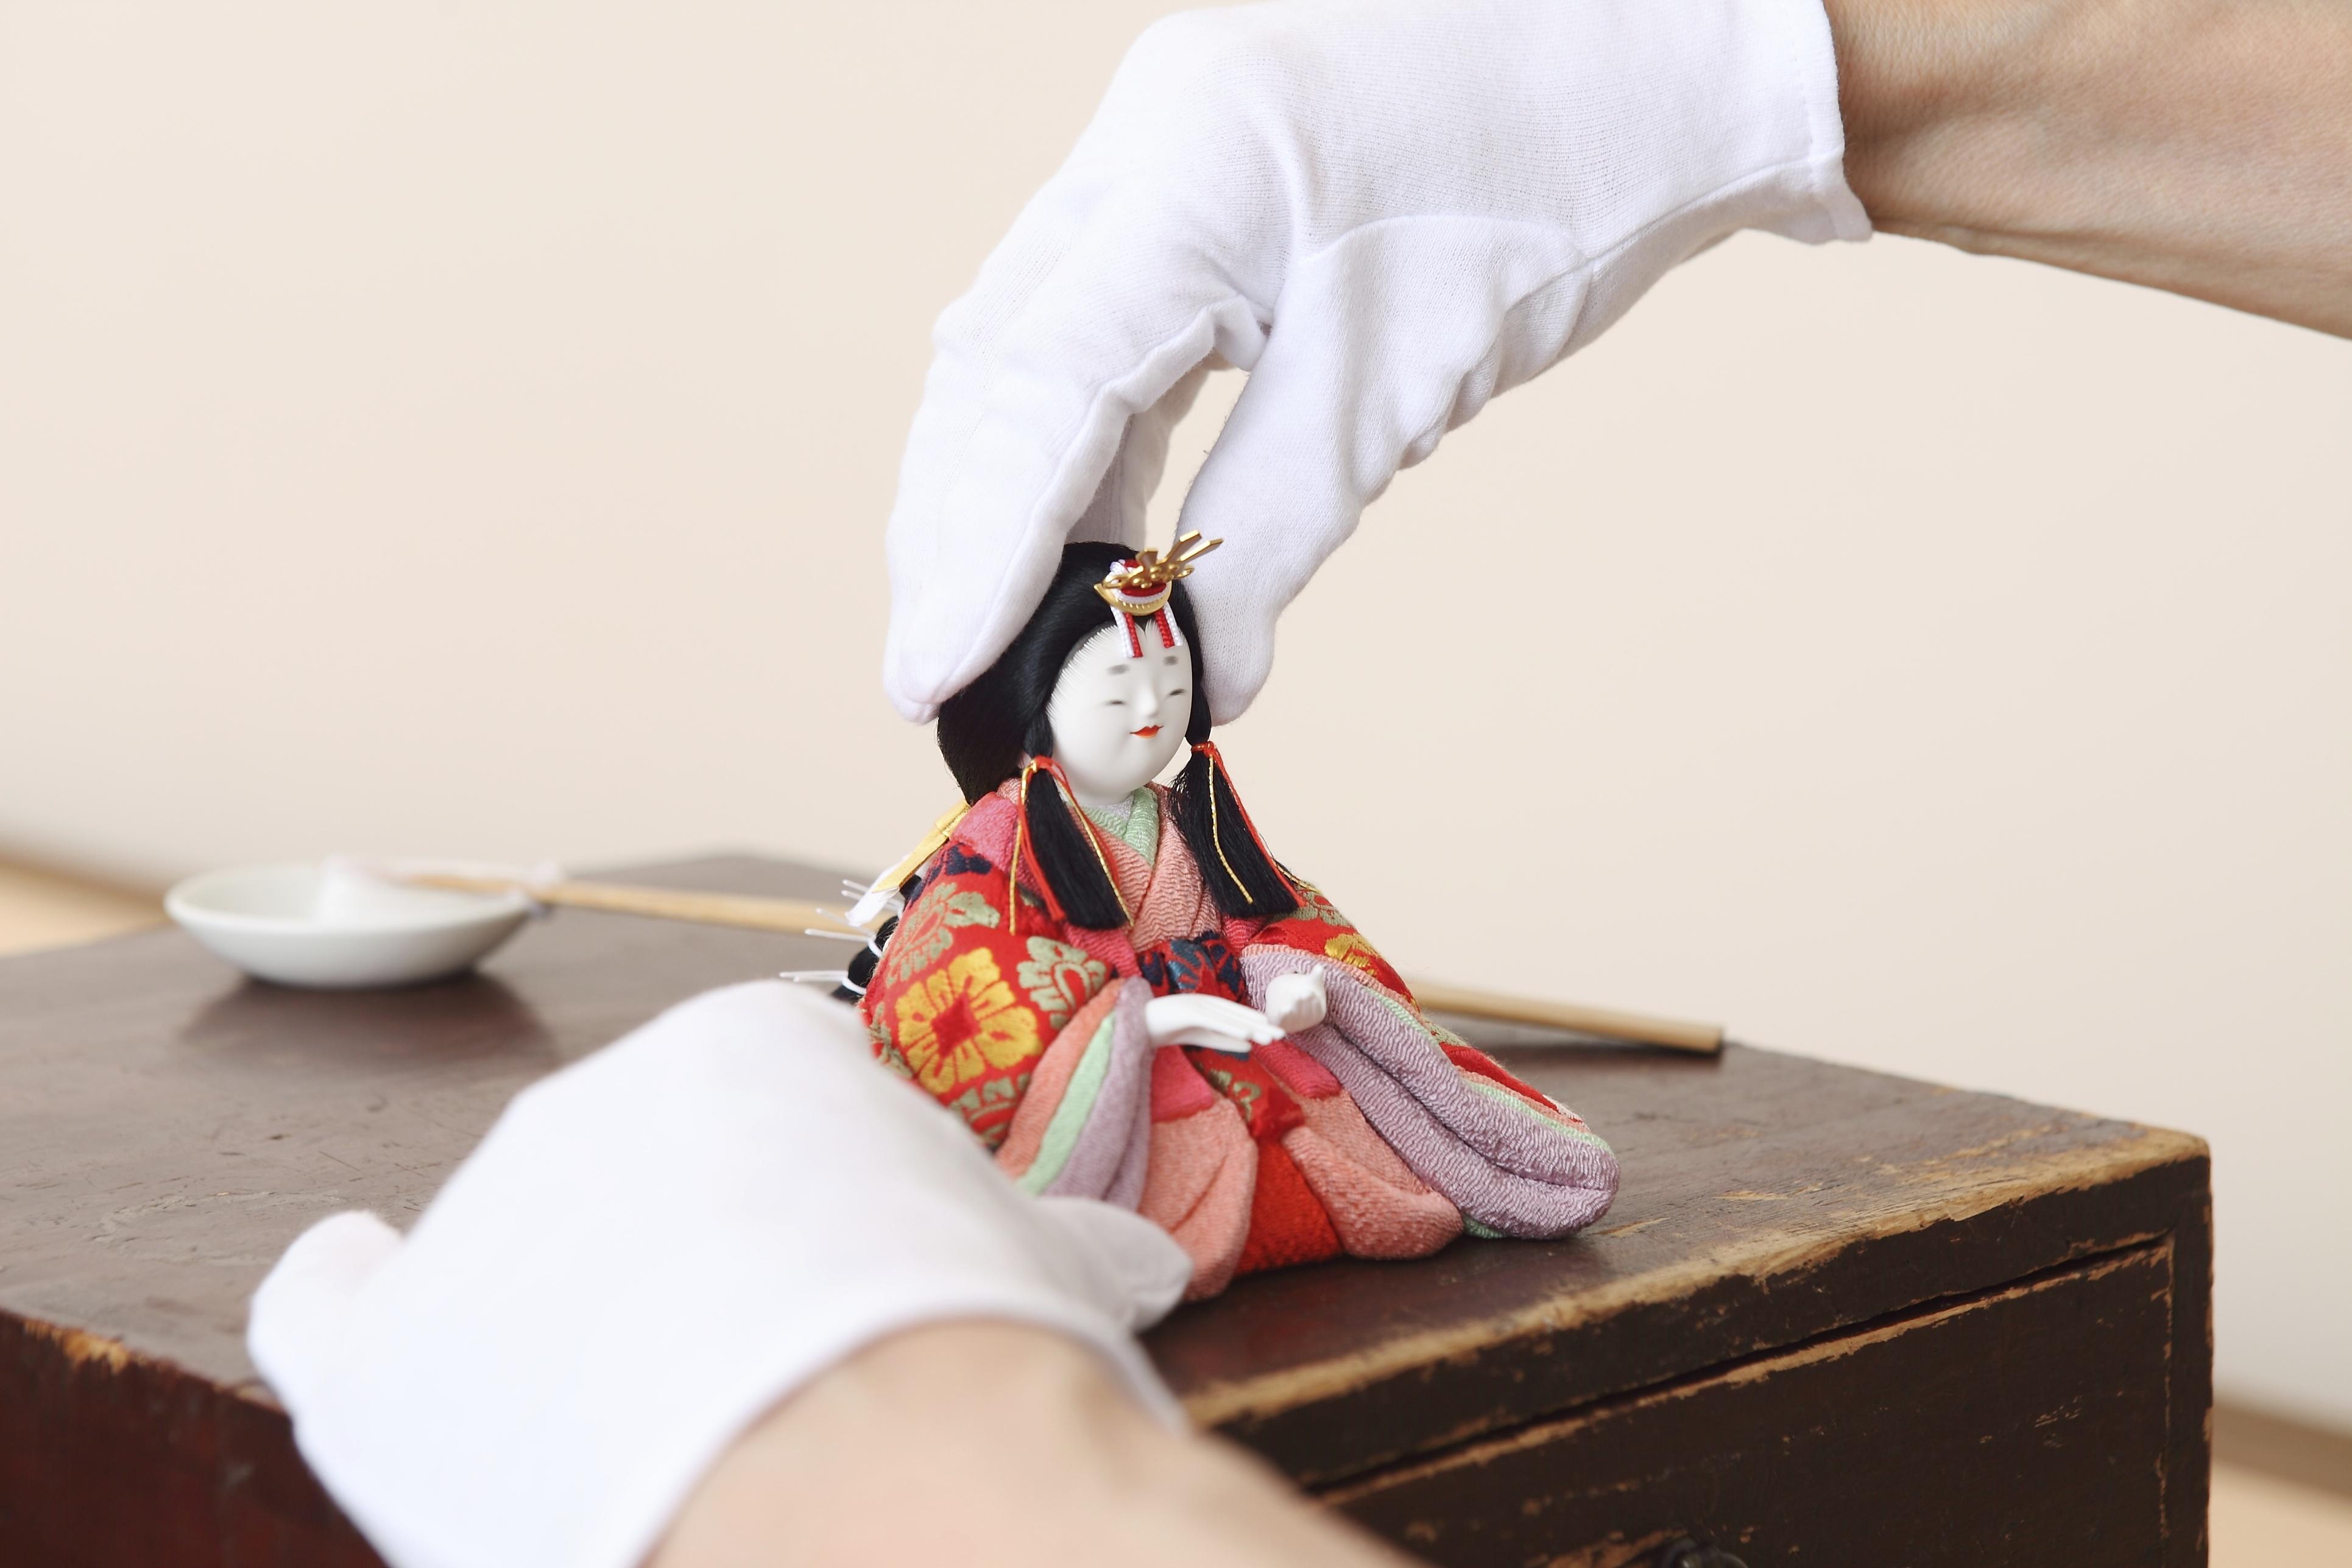 木目込み雛人形とは?特徴やおすすめは?